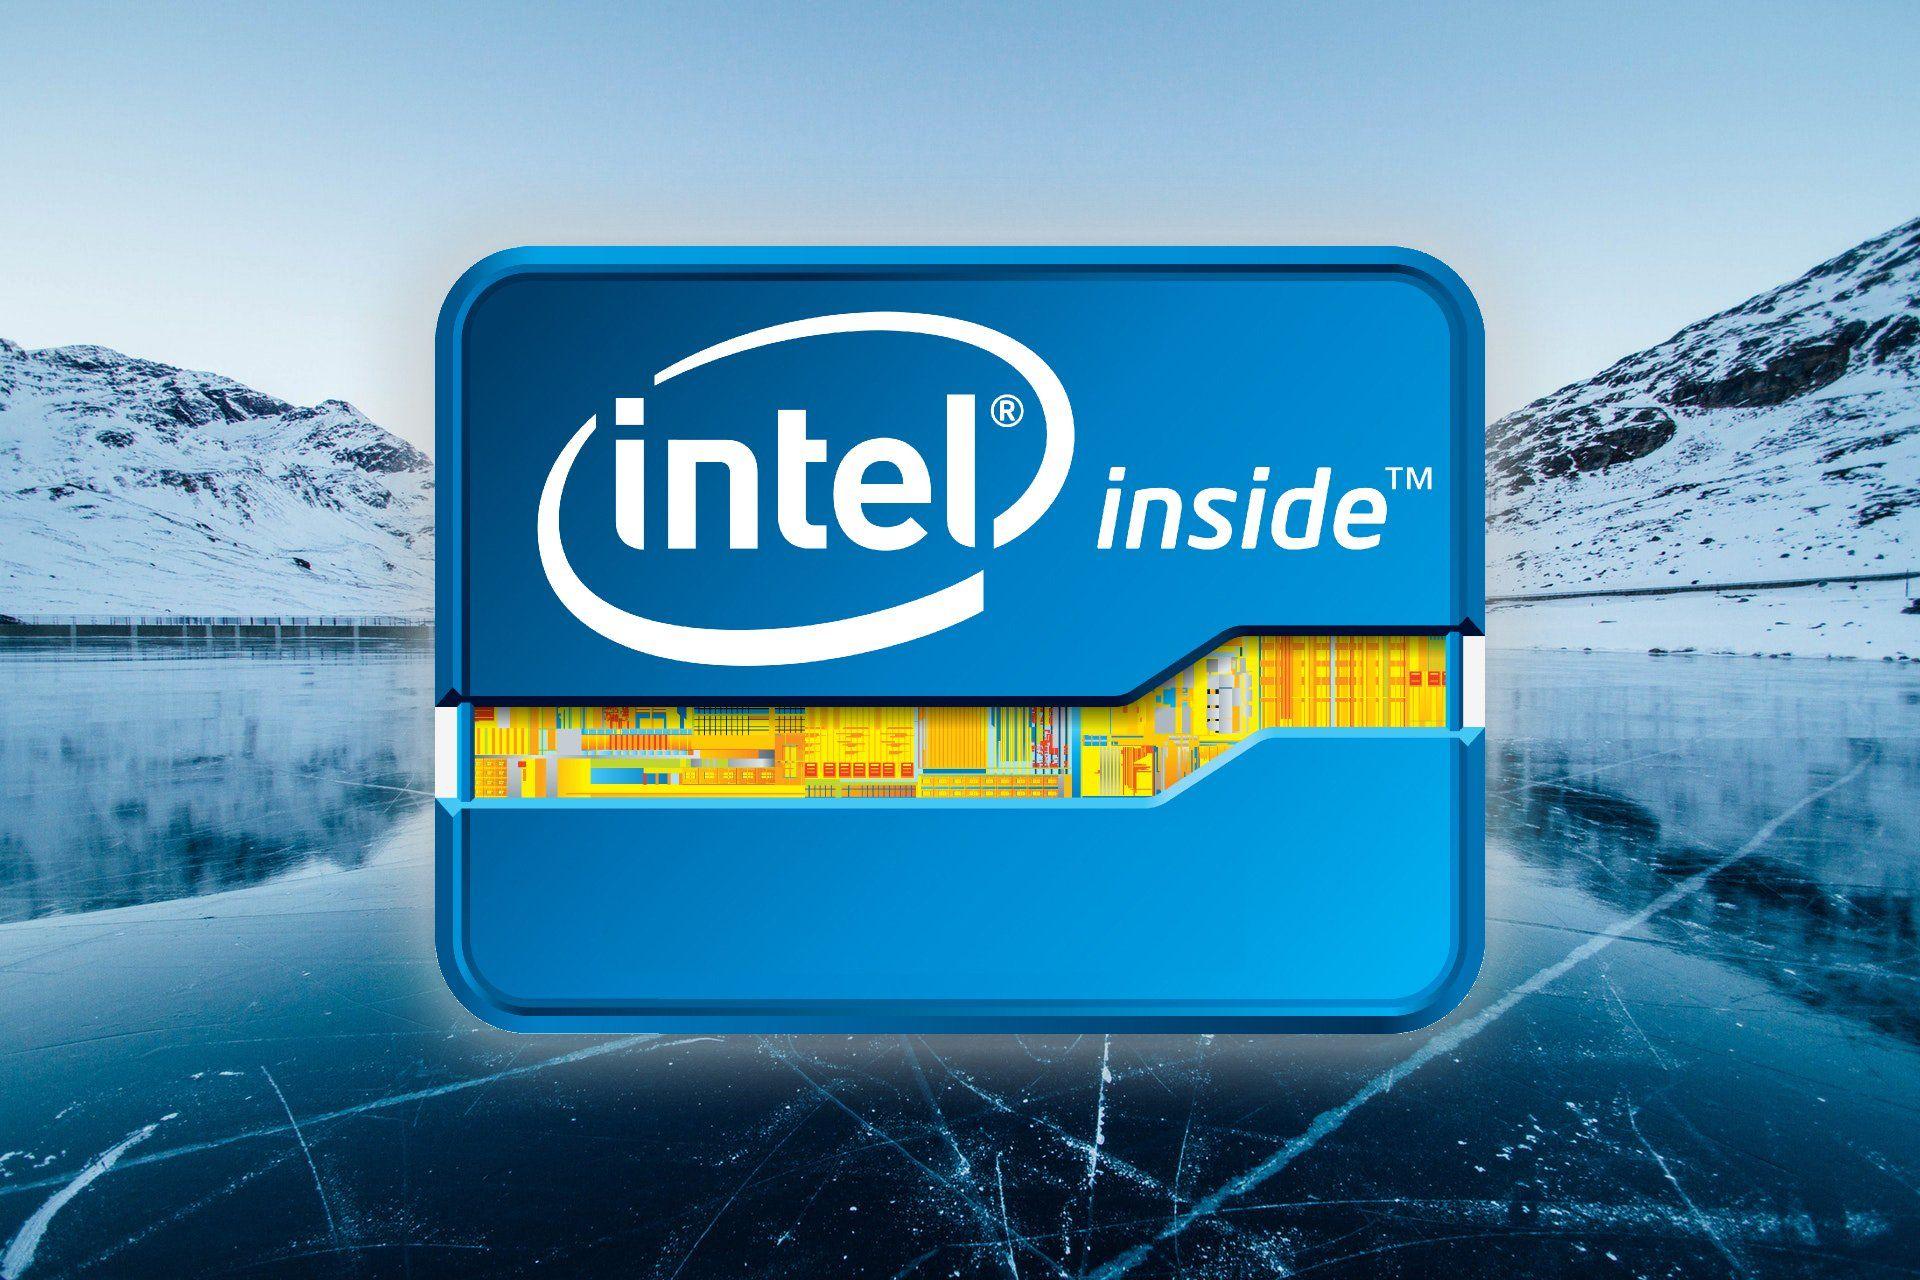 بالنسبة لمعظمنا تبدو معالجات Intel الاختيار المباشر والافتراضي للحواسيب ولكن يبقى الأمر الأكثر حيرة هو الاختيار بين انواع Speculative Execution Cyber Security